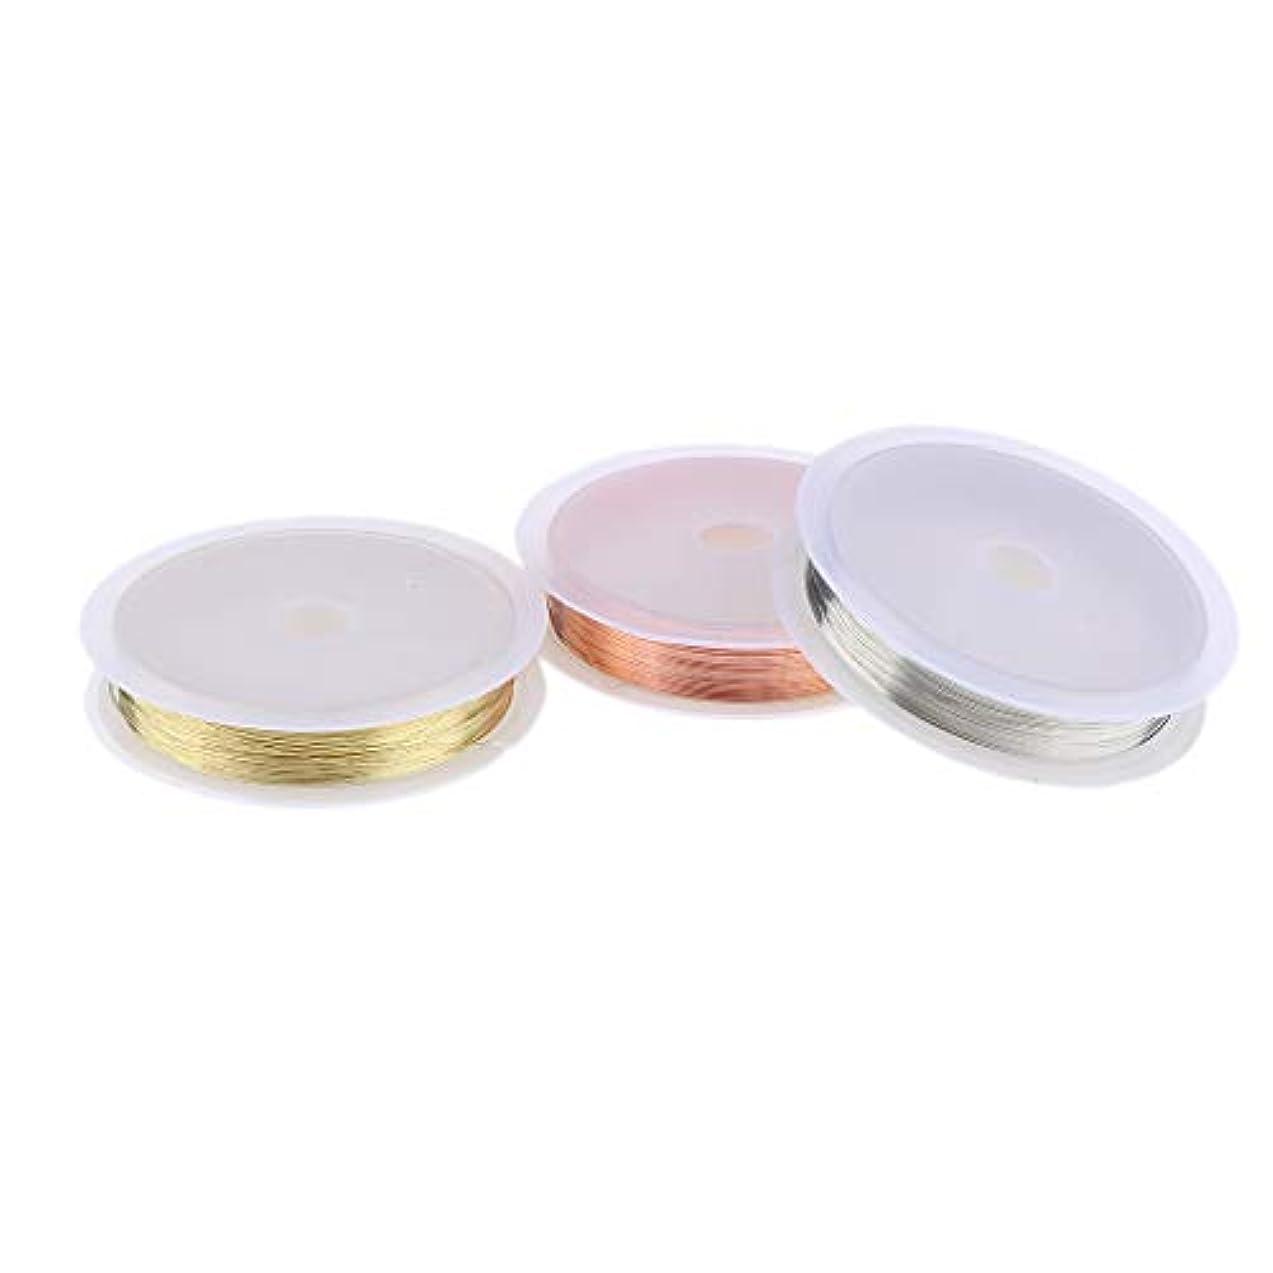 発生するソーダ水インゲンT TOOYFUL 3本のDIY銅ロールストライピングテープライン3Dネイルアートテープネイルデコレーション